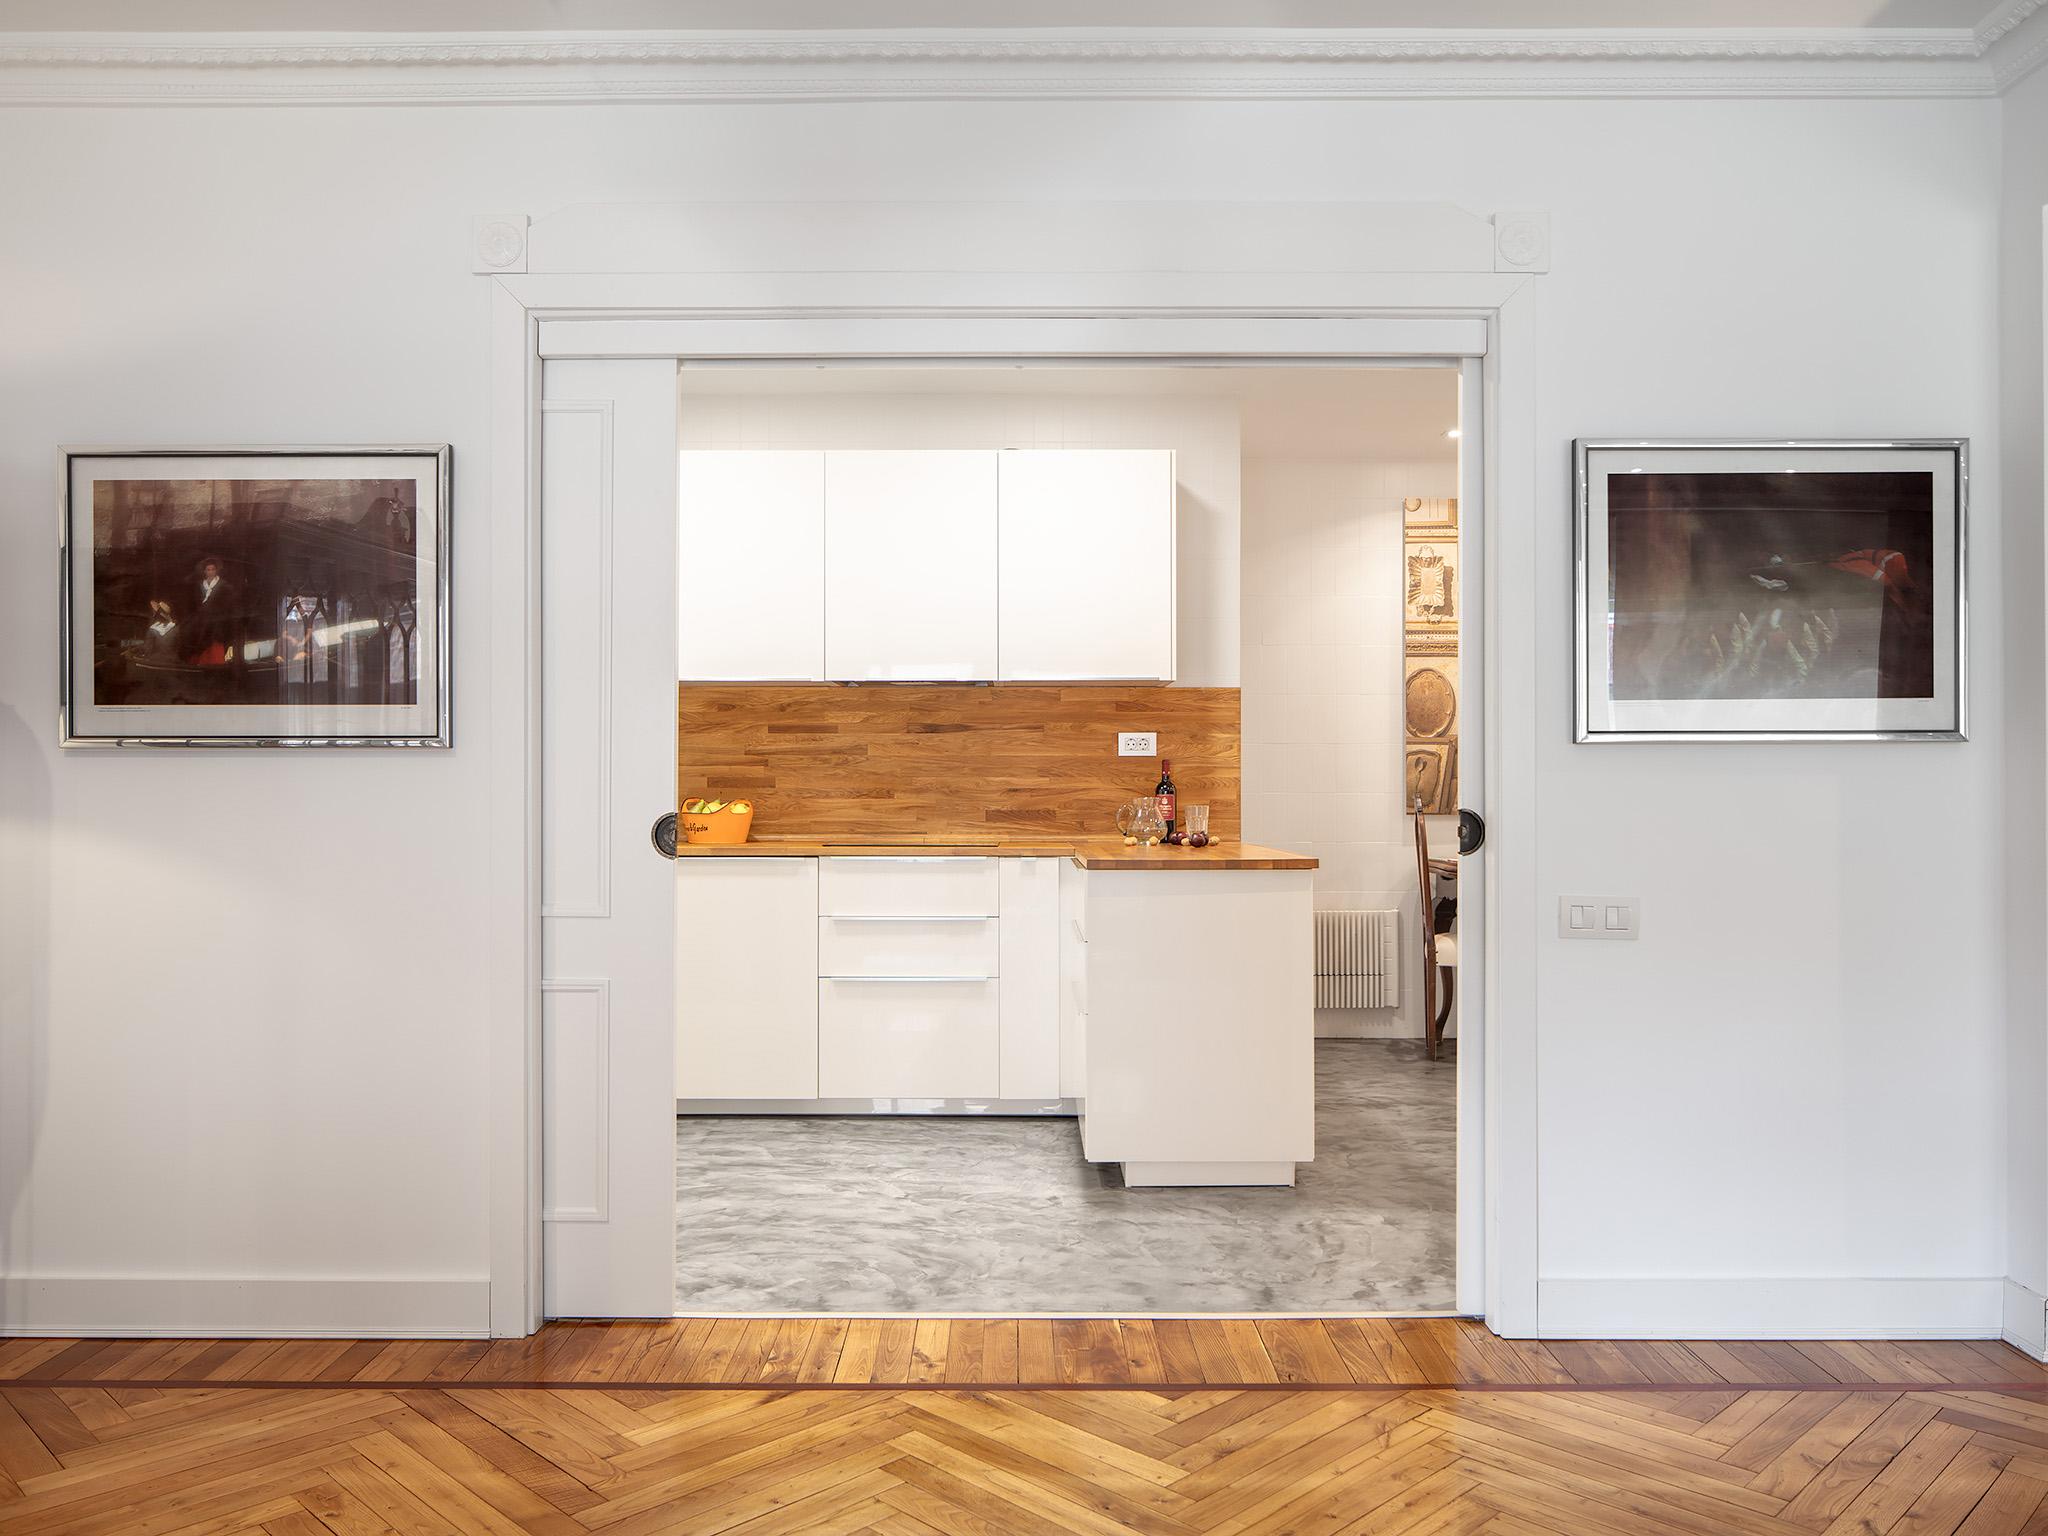 Acceso a la cocina en Proyecto de interiorismo en Getxo